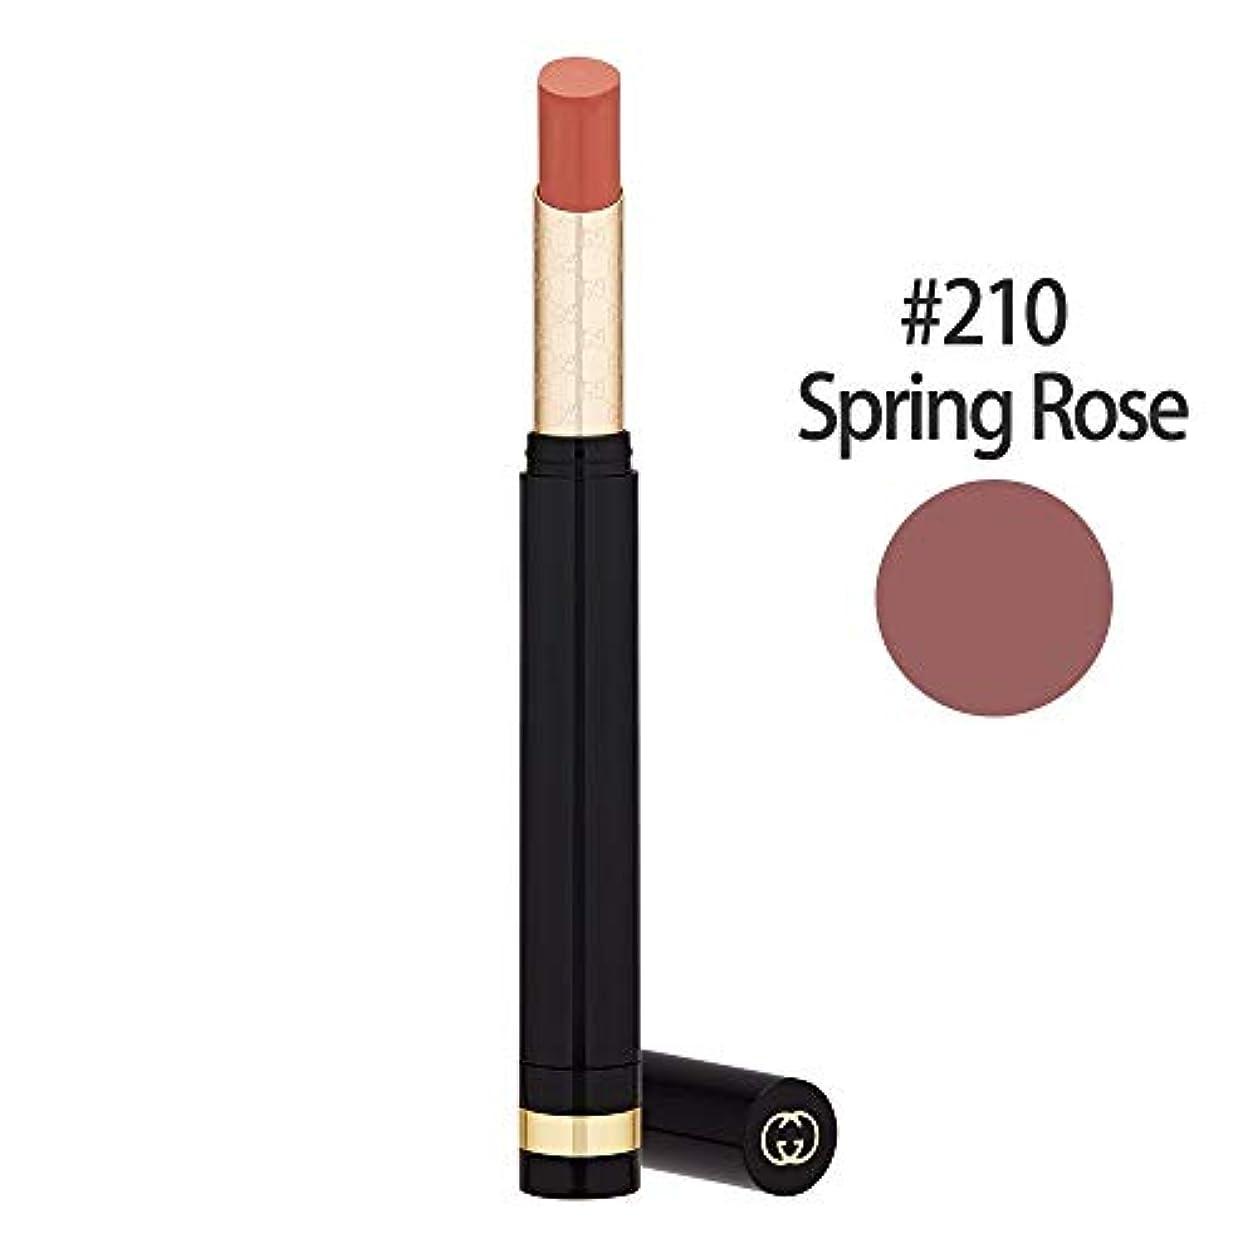 称賛チョップ先生グッチ(GUCCI) センシュアスディープマット リップスティック #210(Spring Rose) 1.5g [並行輸入品]